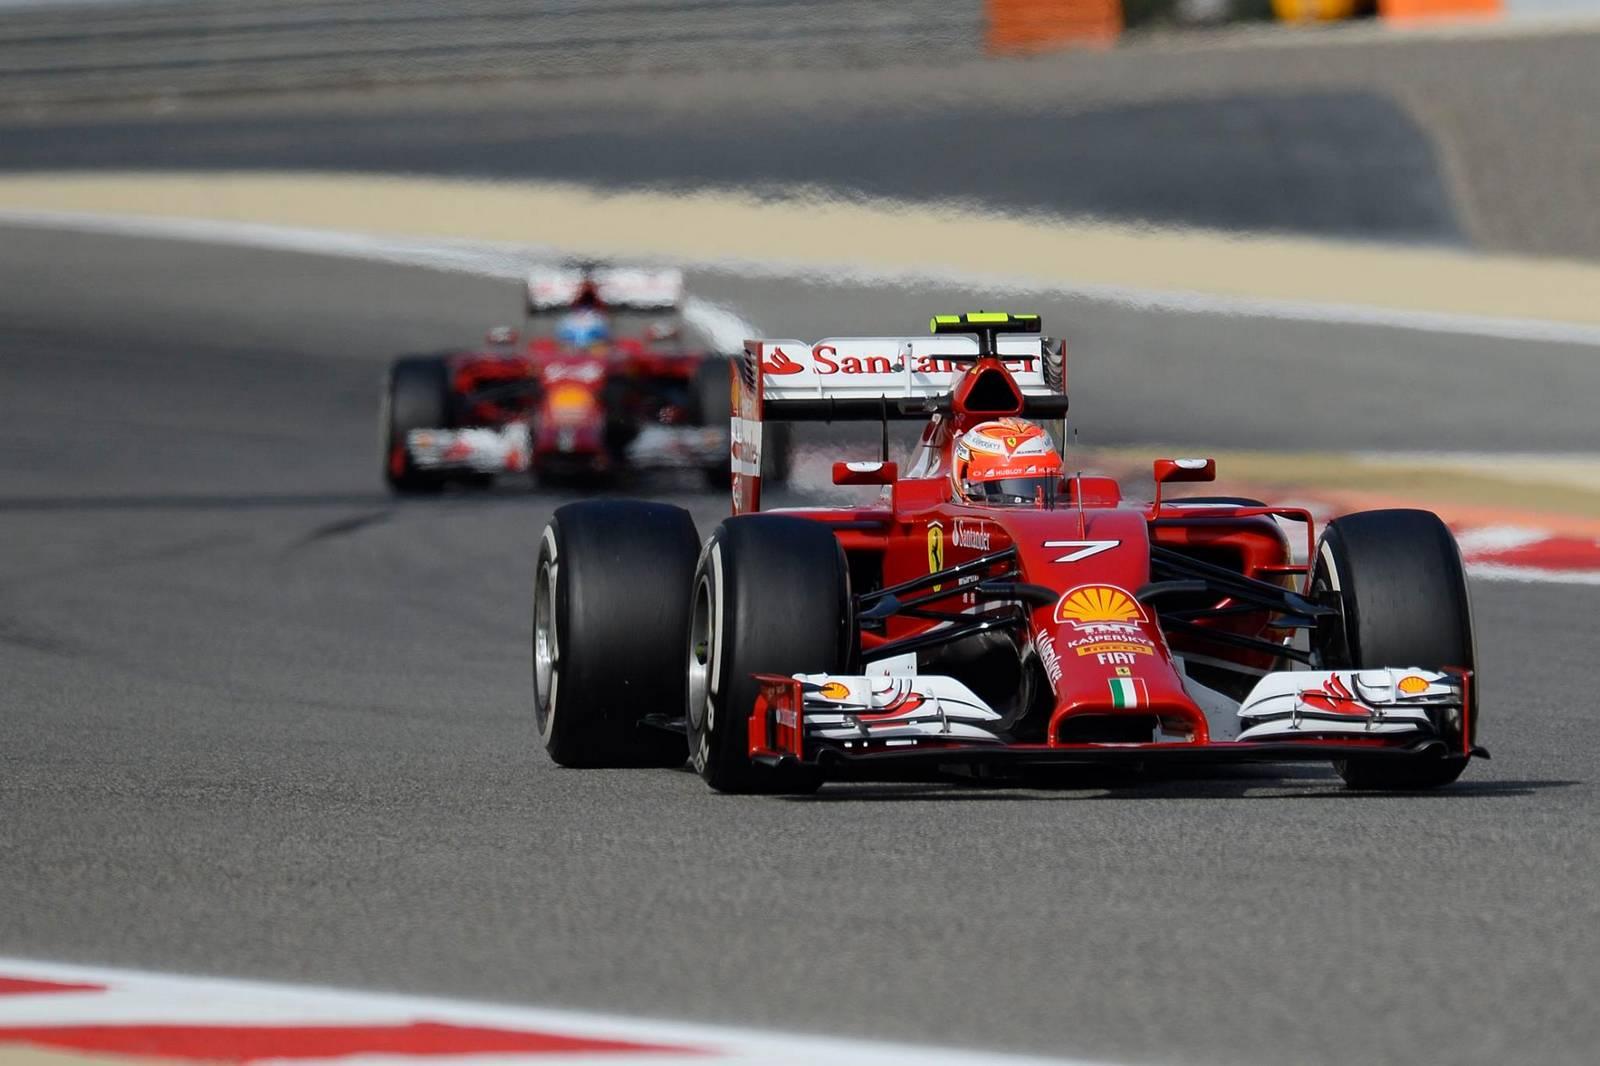 2014 Ferrari F1